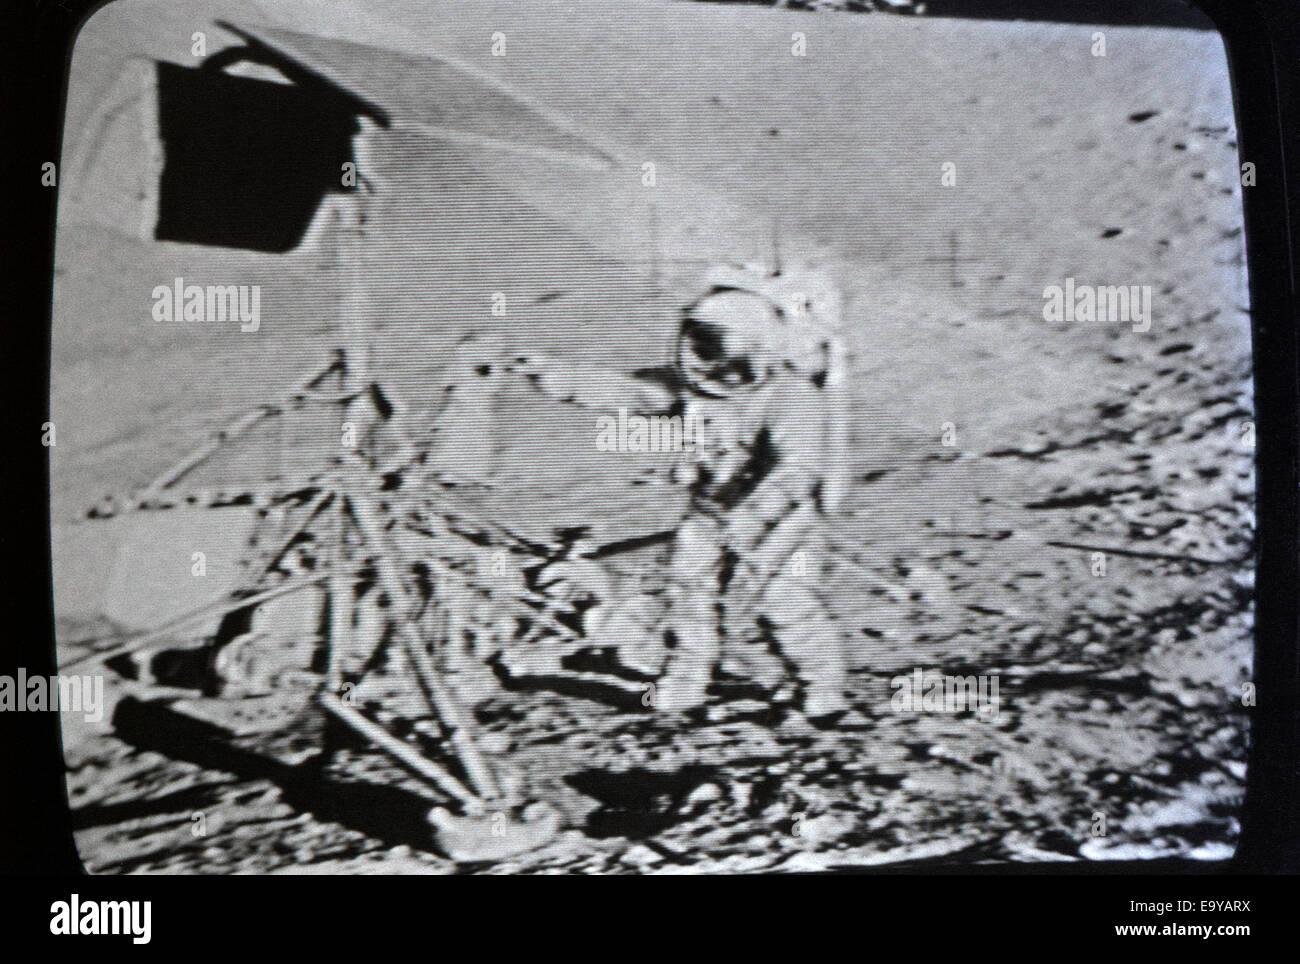 Moon landing date in Brisbane